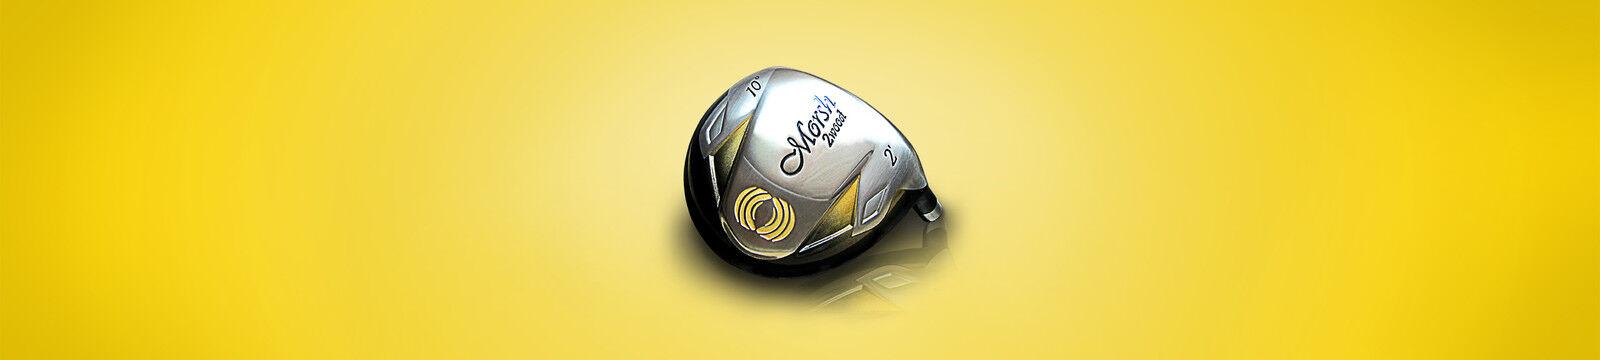 Morsh Golf